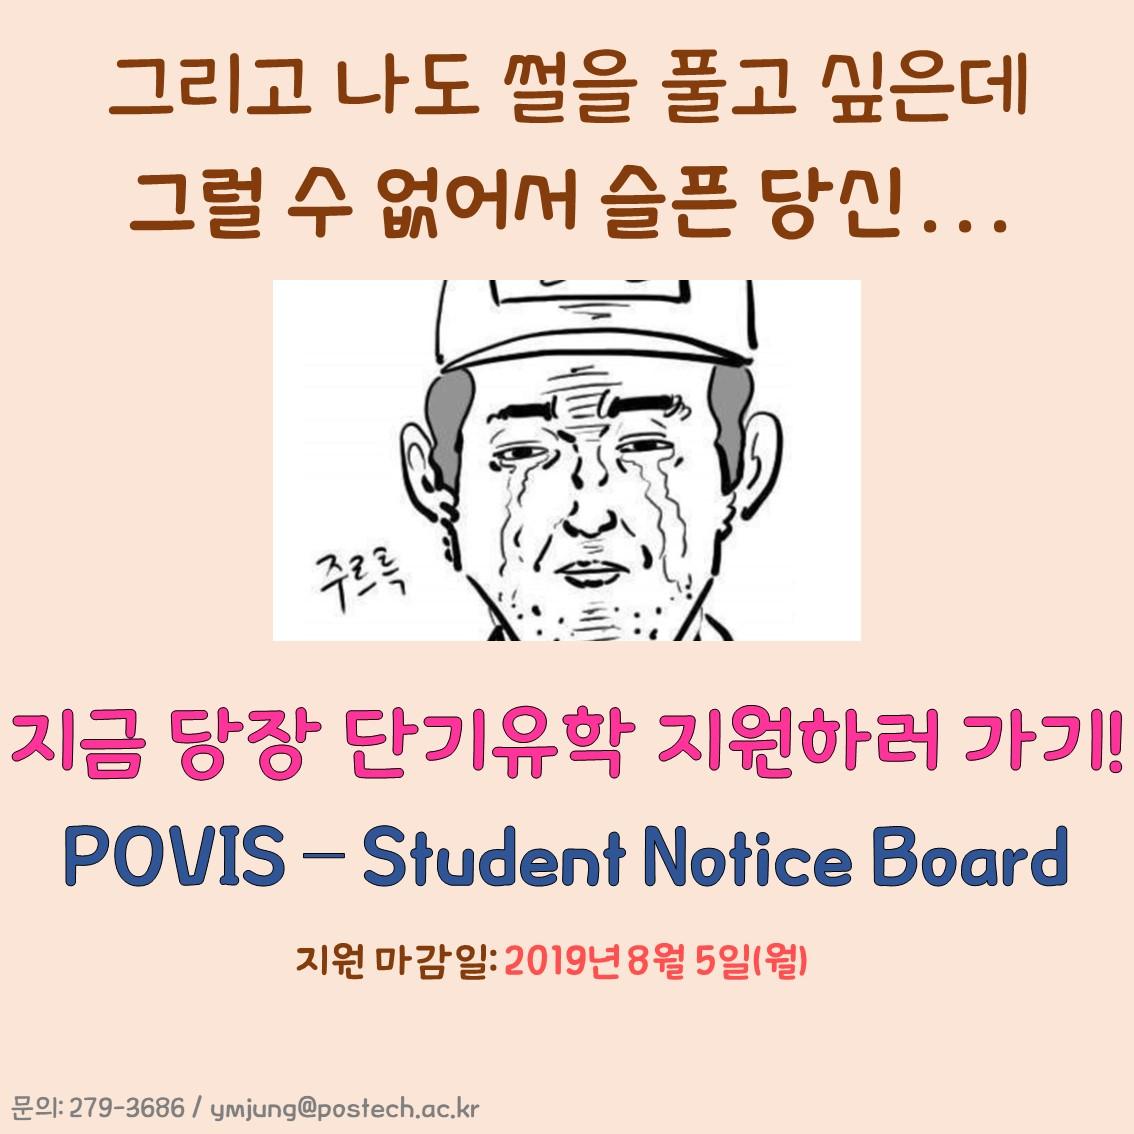 그리고 나도 썰을 풀고 싶은데 그럴 수 없어서 슬픈 당신... 지금 당장 단기유학 지원하러 가기! POVIS-Student Notice Board 지워마감일:2019년8월5일(월) 문의:279-3686\ymjung@postech.ac.kr